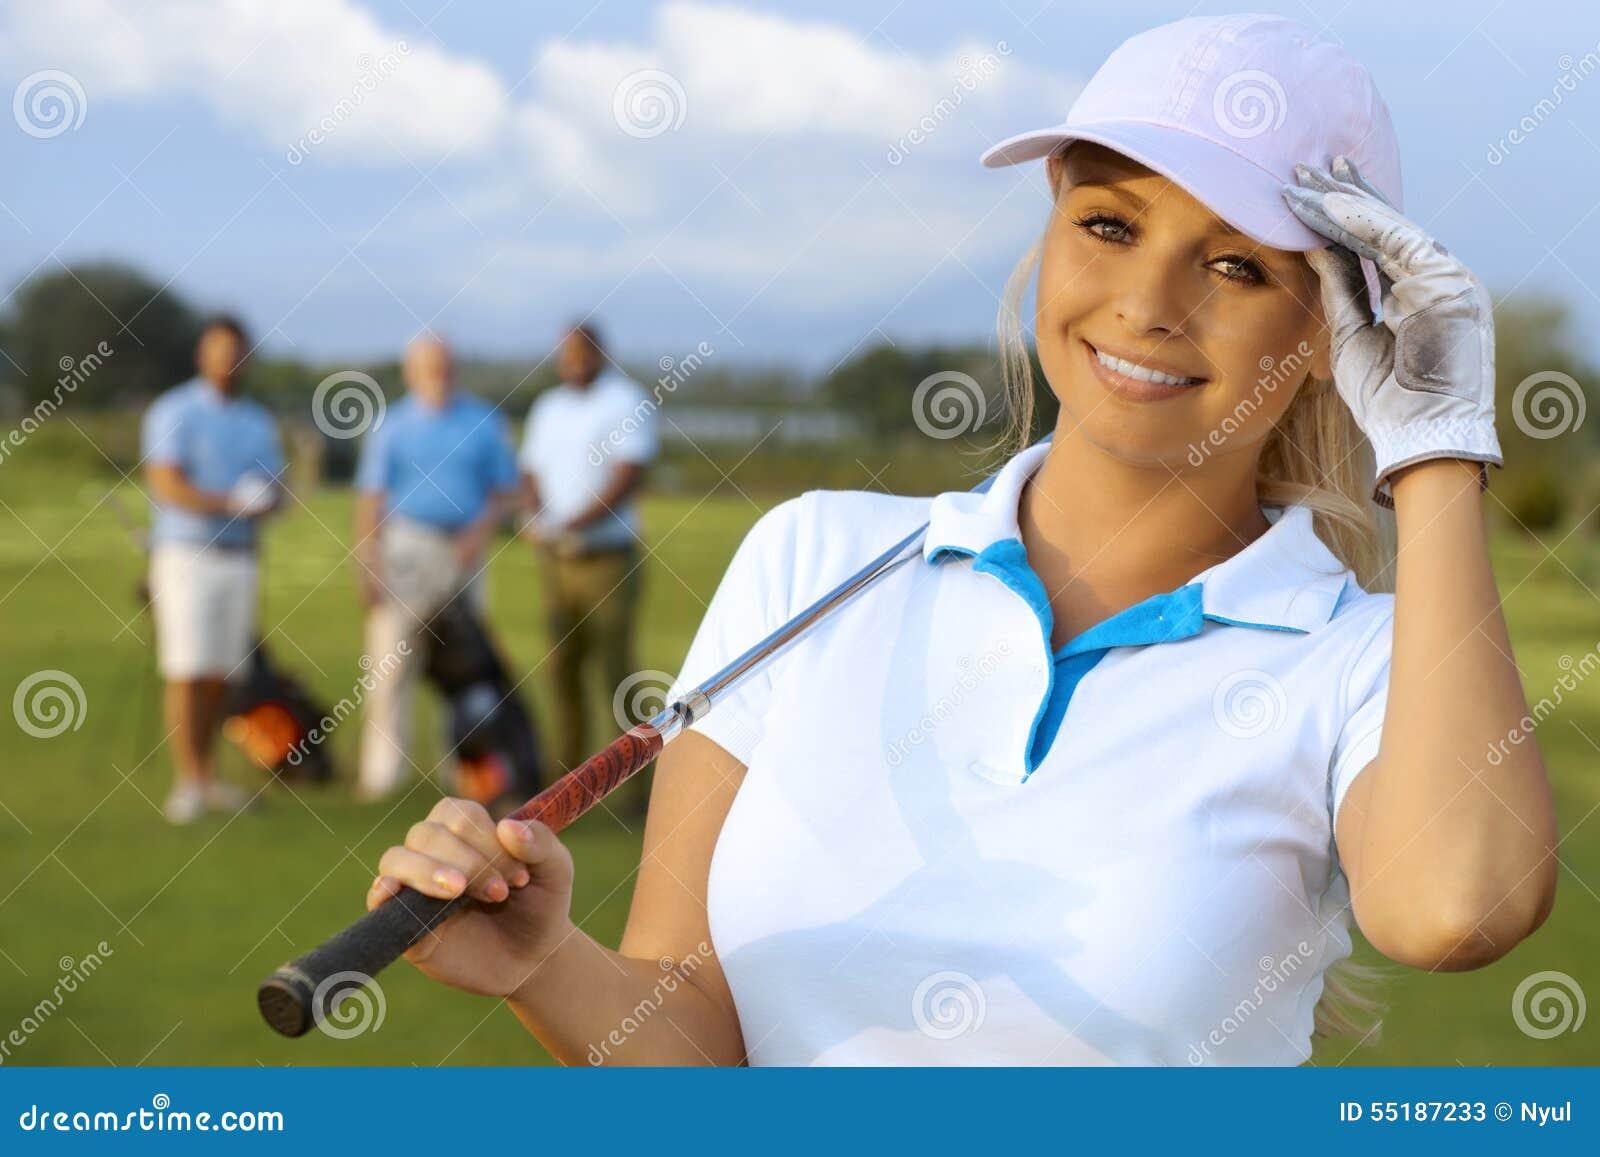 Nahaufnahmeporträt des attraktiven weiblichen Golfspielers